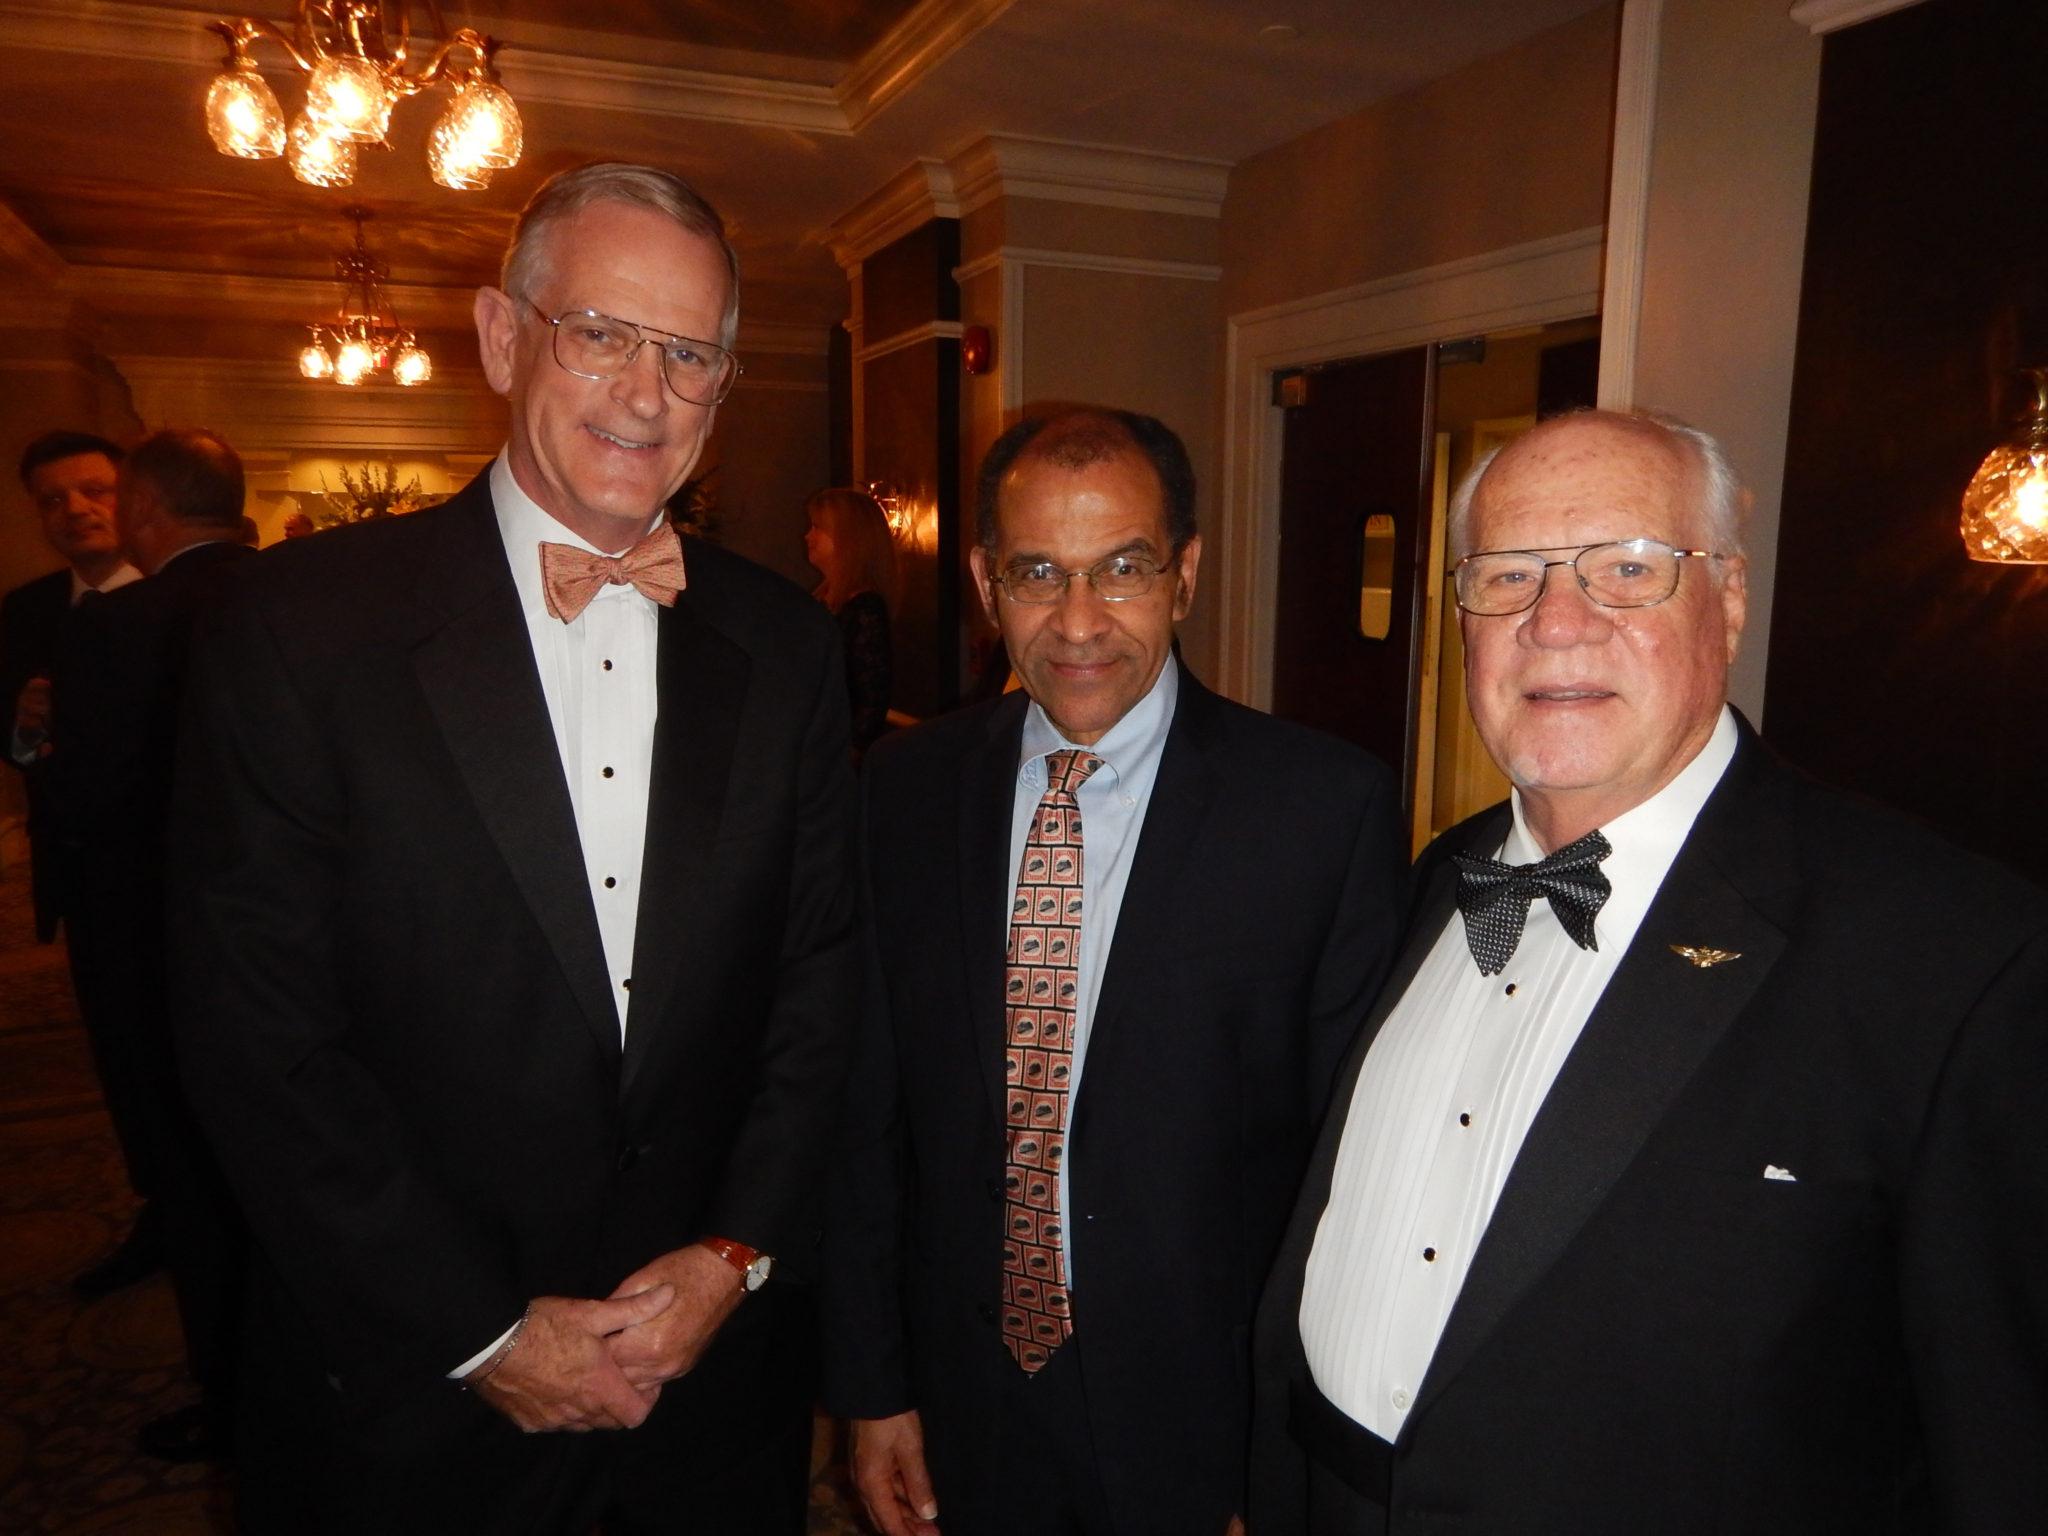 Ted Ellet, Christopher Hart, and Tony Jobe; Photo by Robert L. Feldman